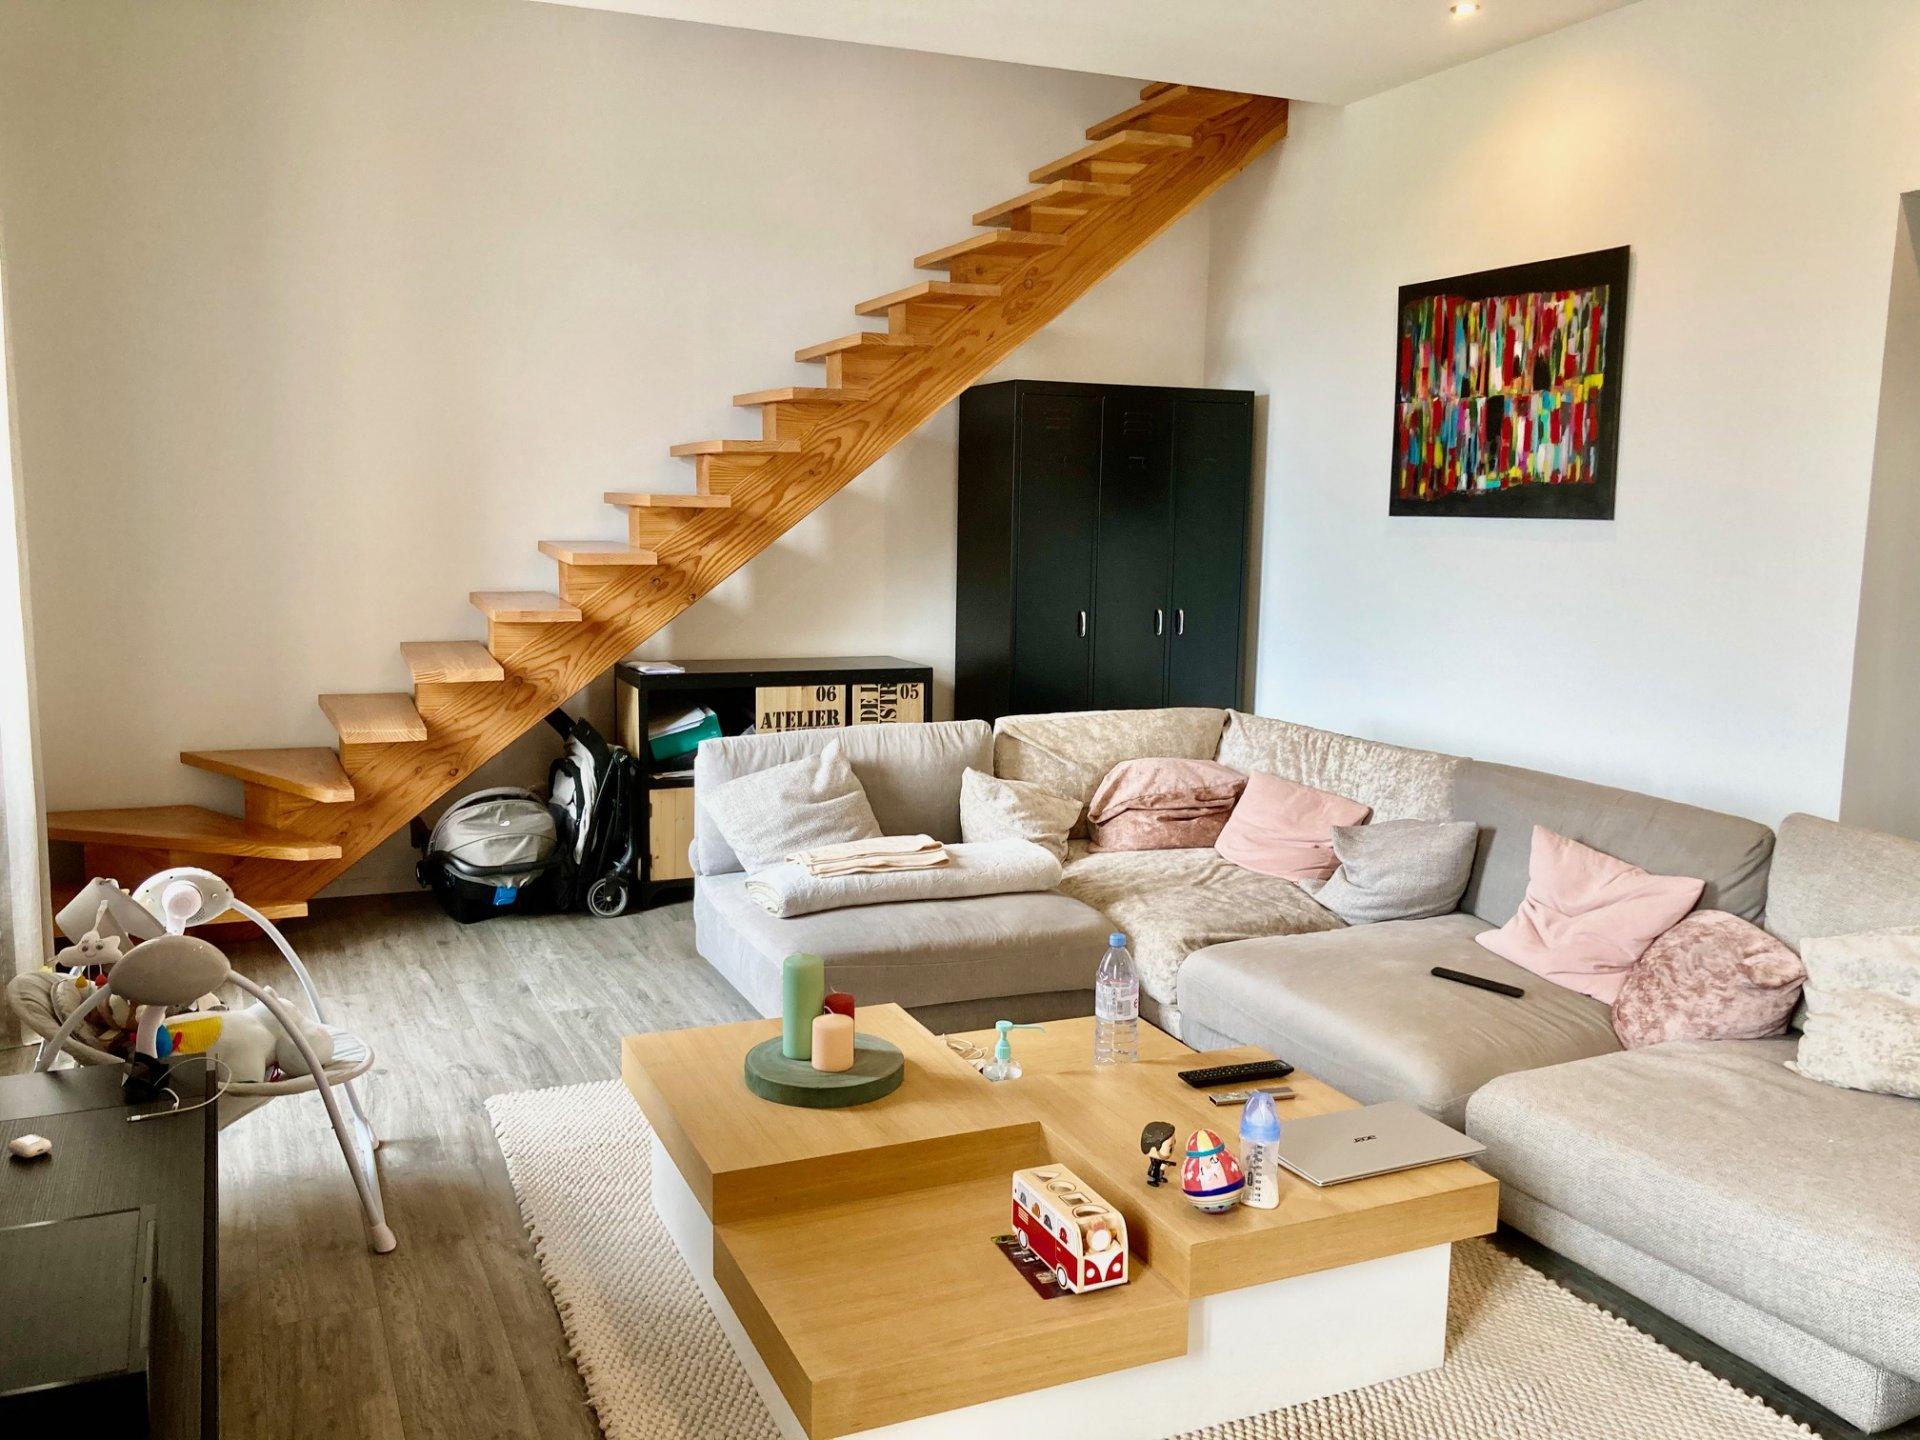 Appartement  de 3 pièces en excellent état et idéalement situé dans le centre de Mandelieu